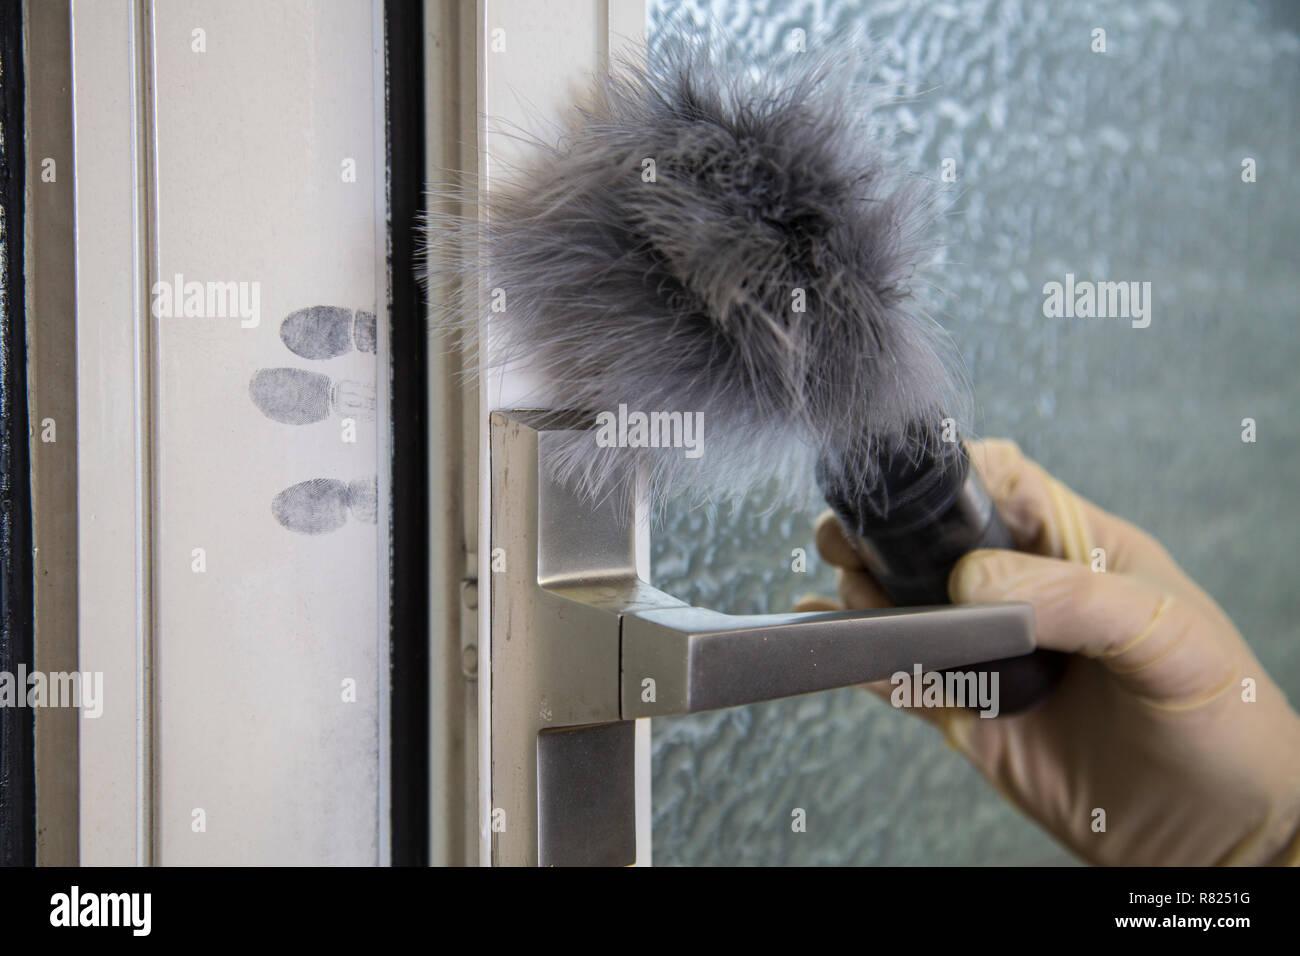 Des empreintes digitales sur une fenêtre, la médecine légale après un cambriolage, vol, Allemagne Photo Stock